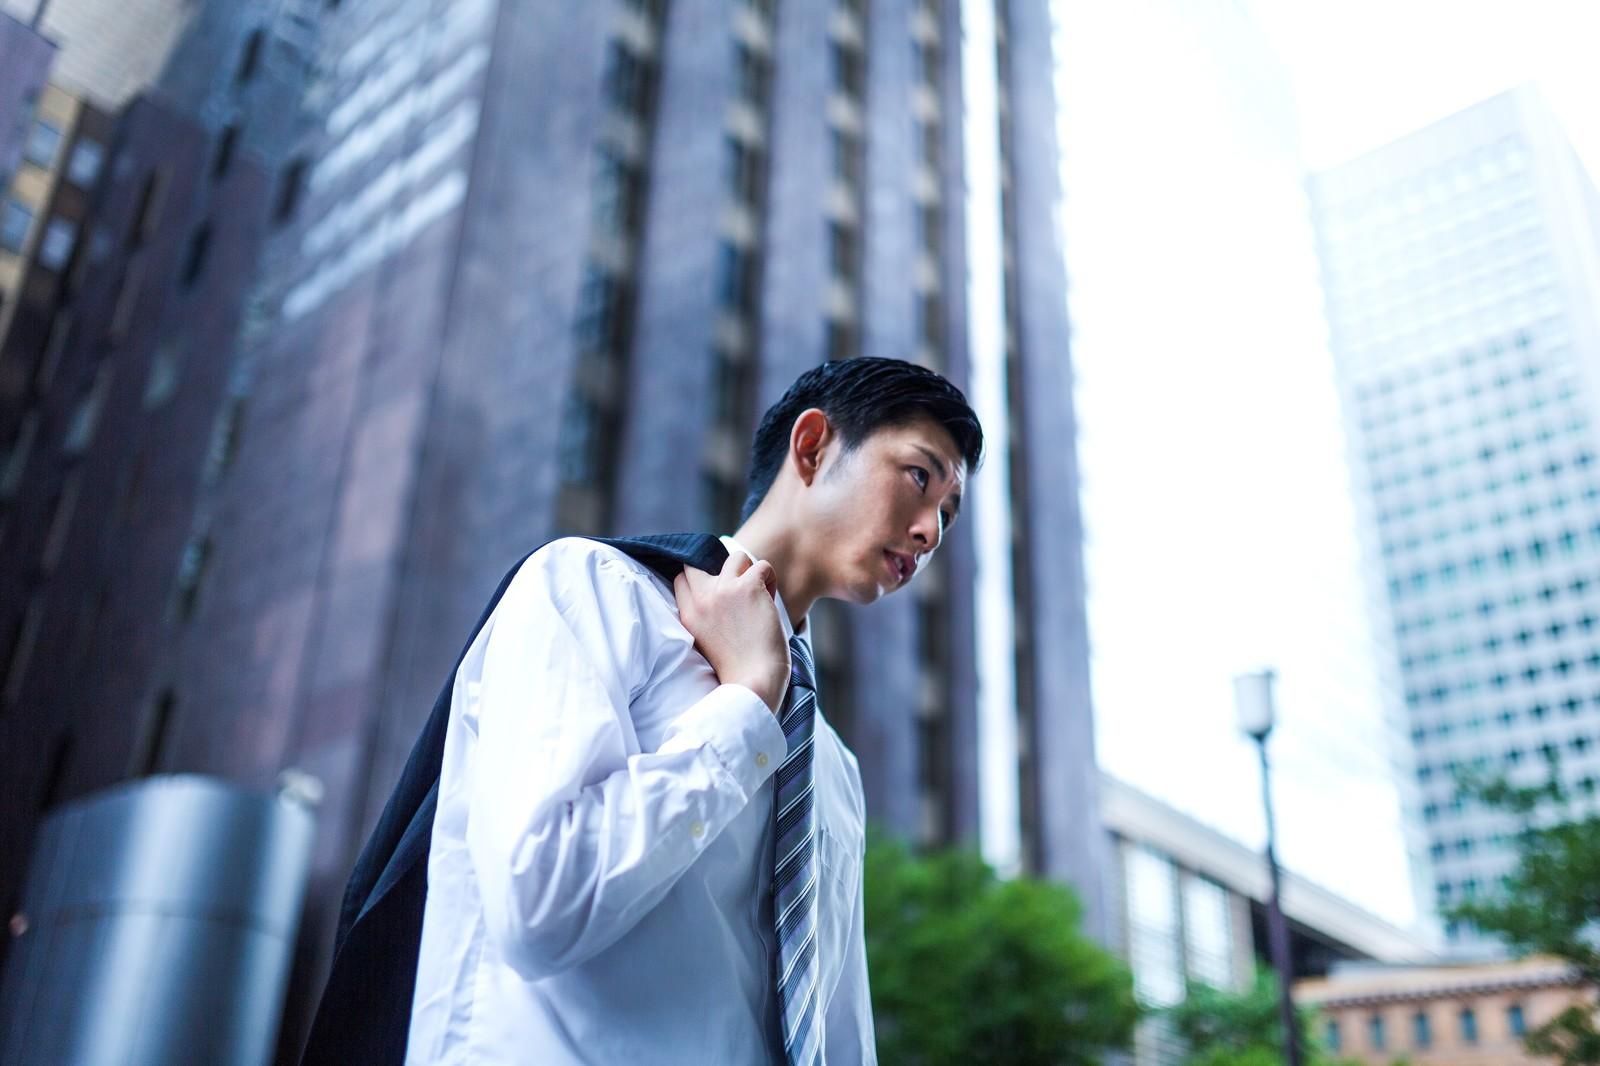 ニートやフリーター、派遣など非正規雇用が長い方。正社員になりませんか